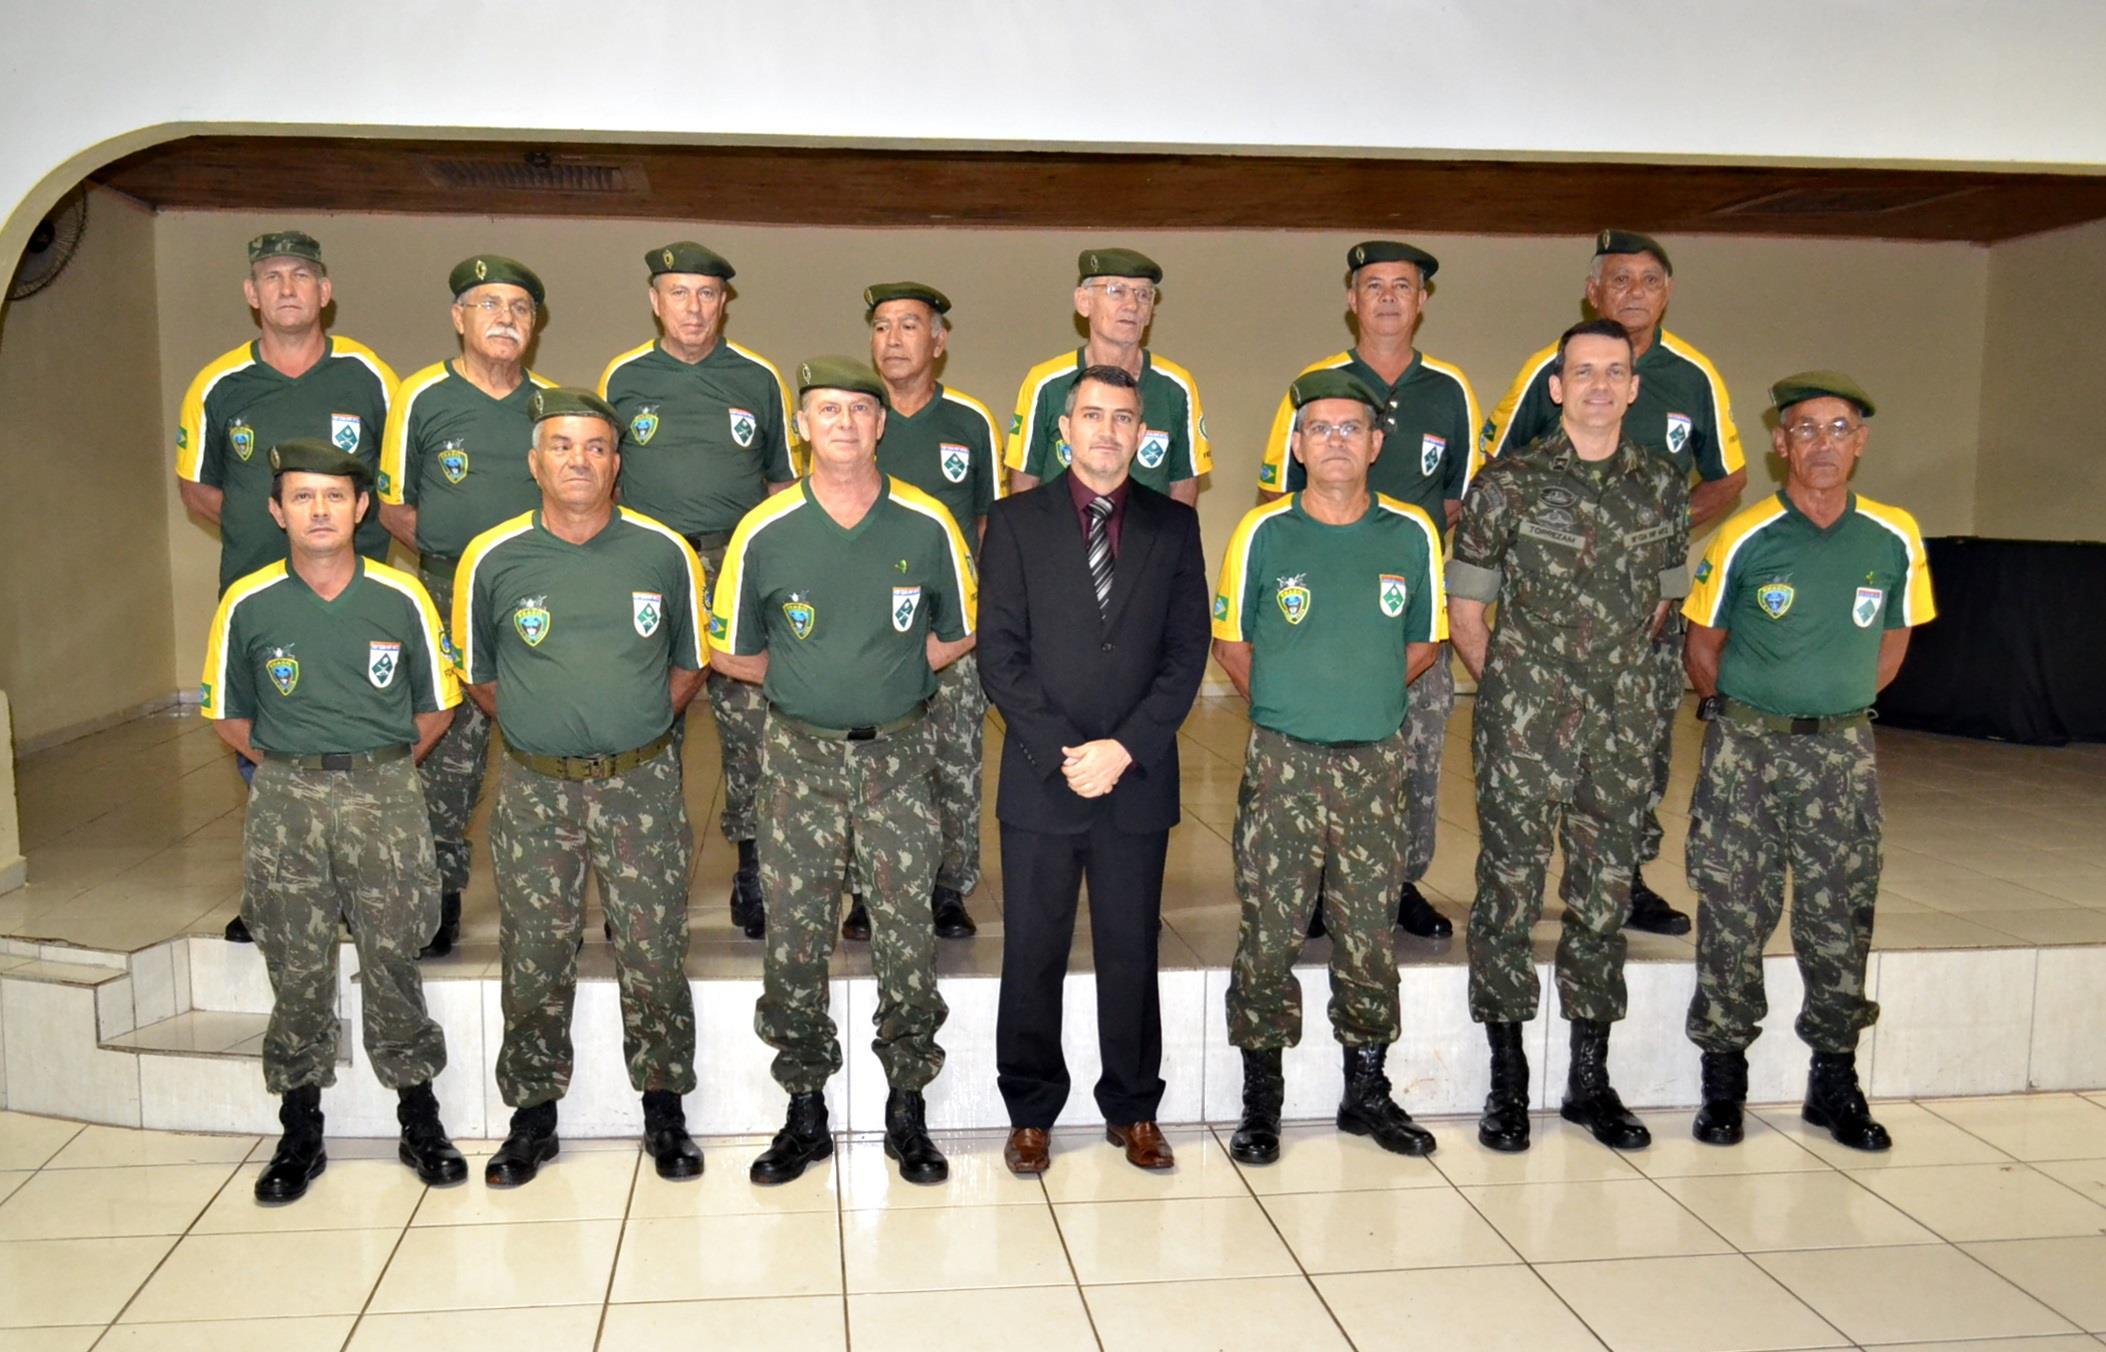 Vereador Almir Bueno e comandante da 15� Companhia de Infantaria Motorizada Major Rodrigo Campos Torrezam com o Pelot�o Aroeira, do quadro reserva